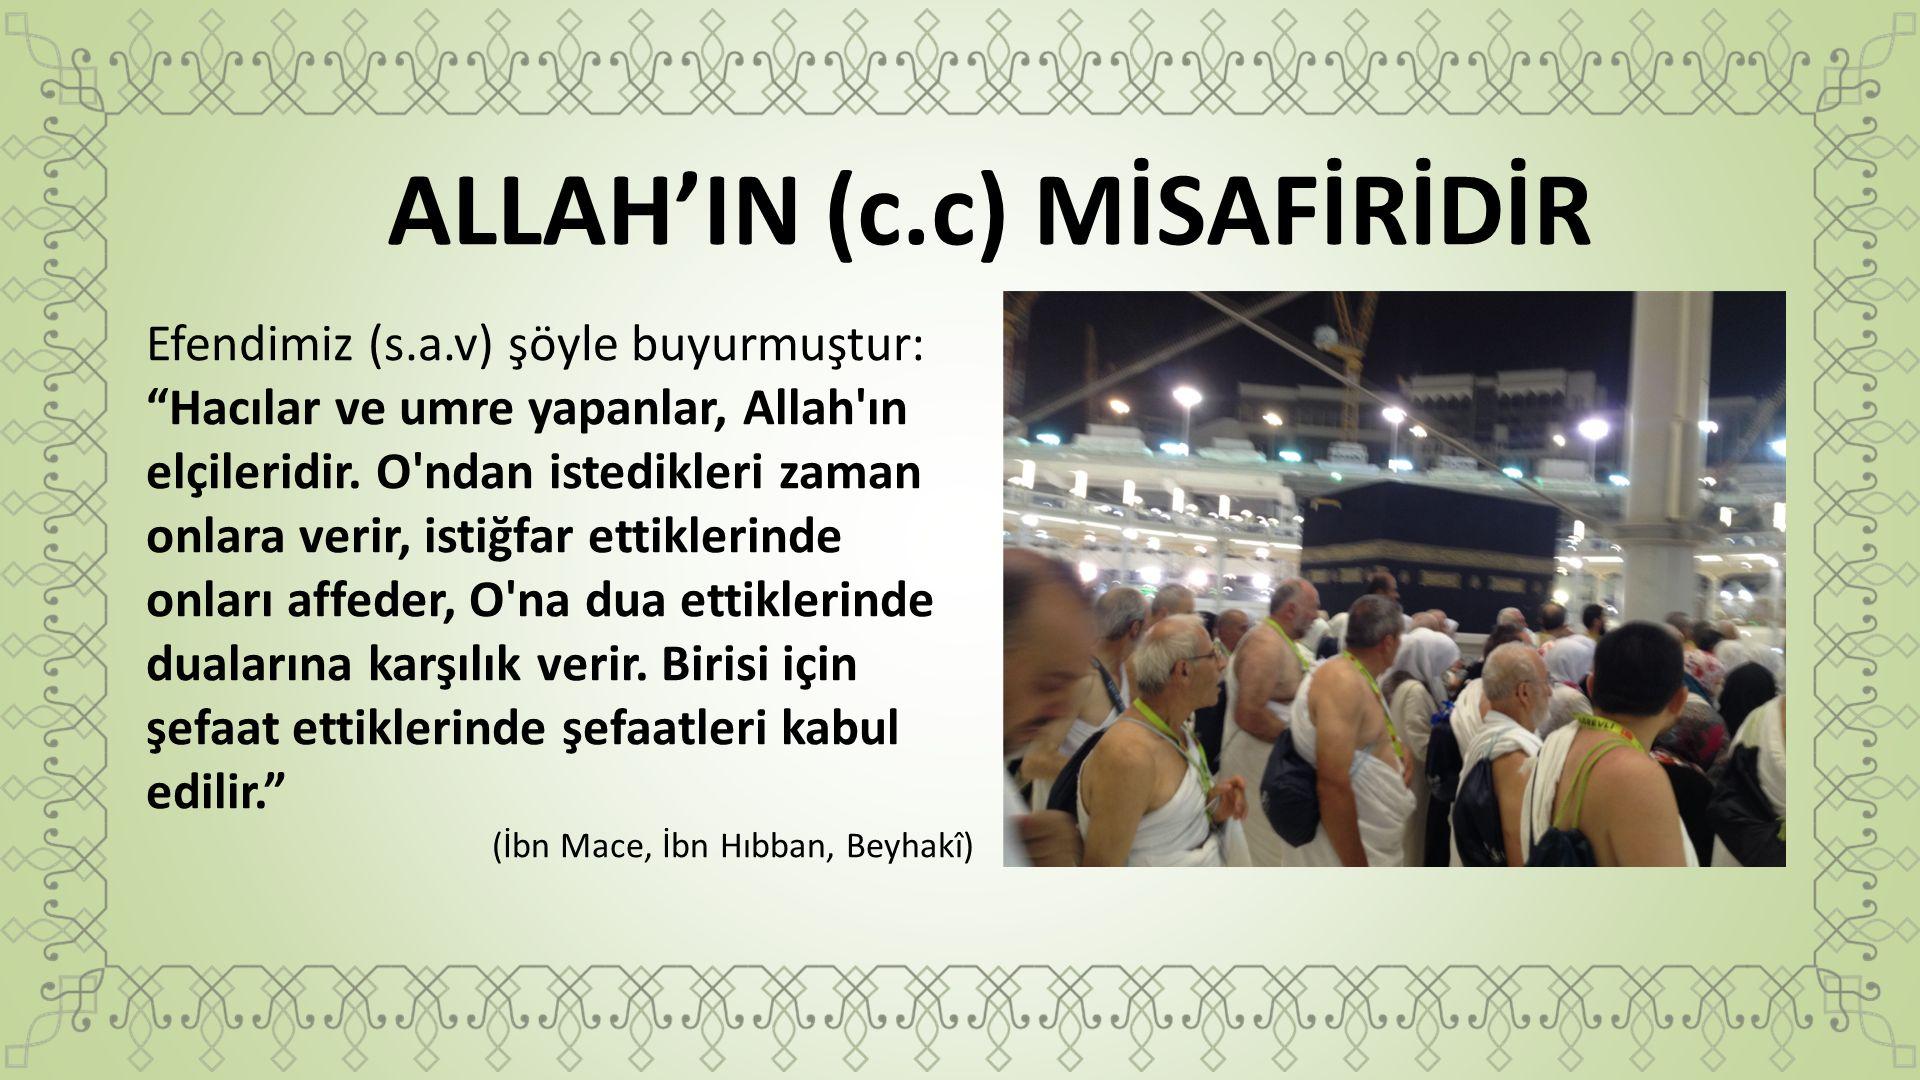 ALLAH'IN (c.c) MİSAFİRİDİR